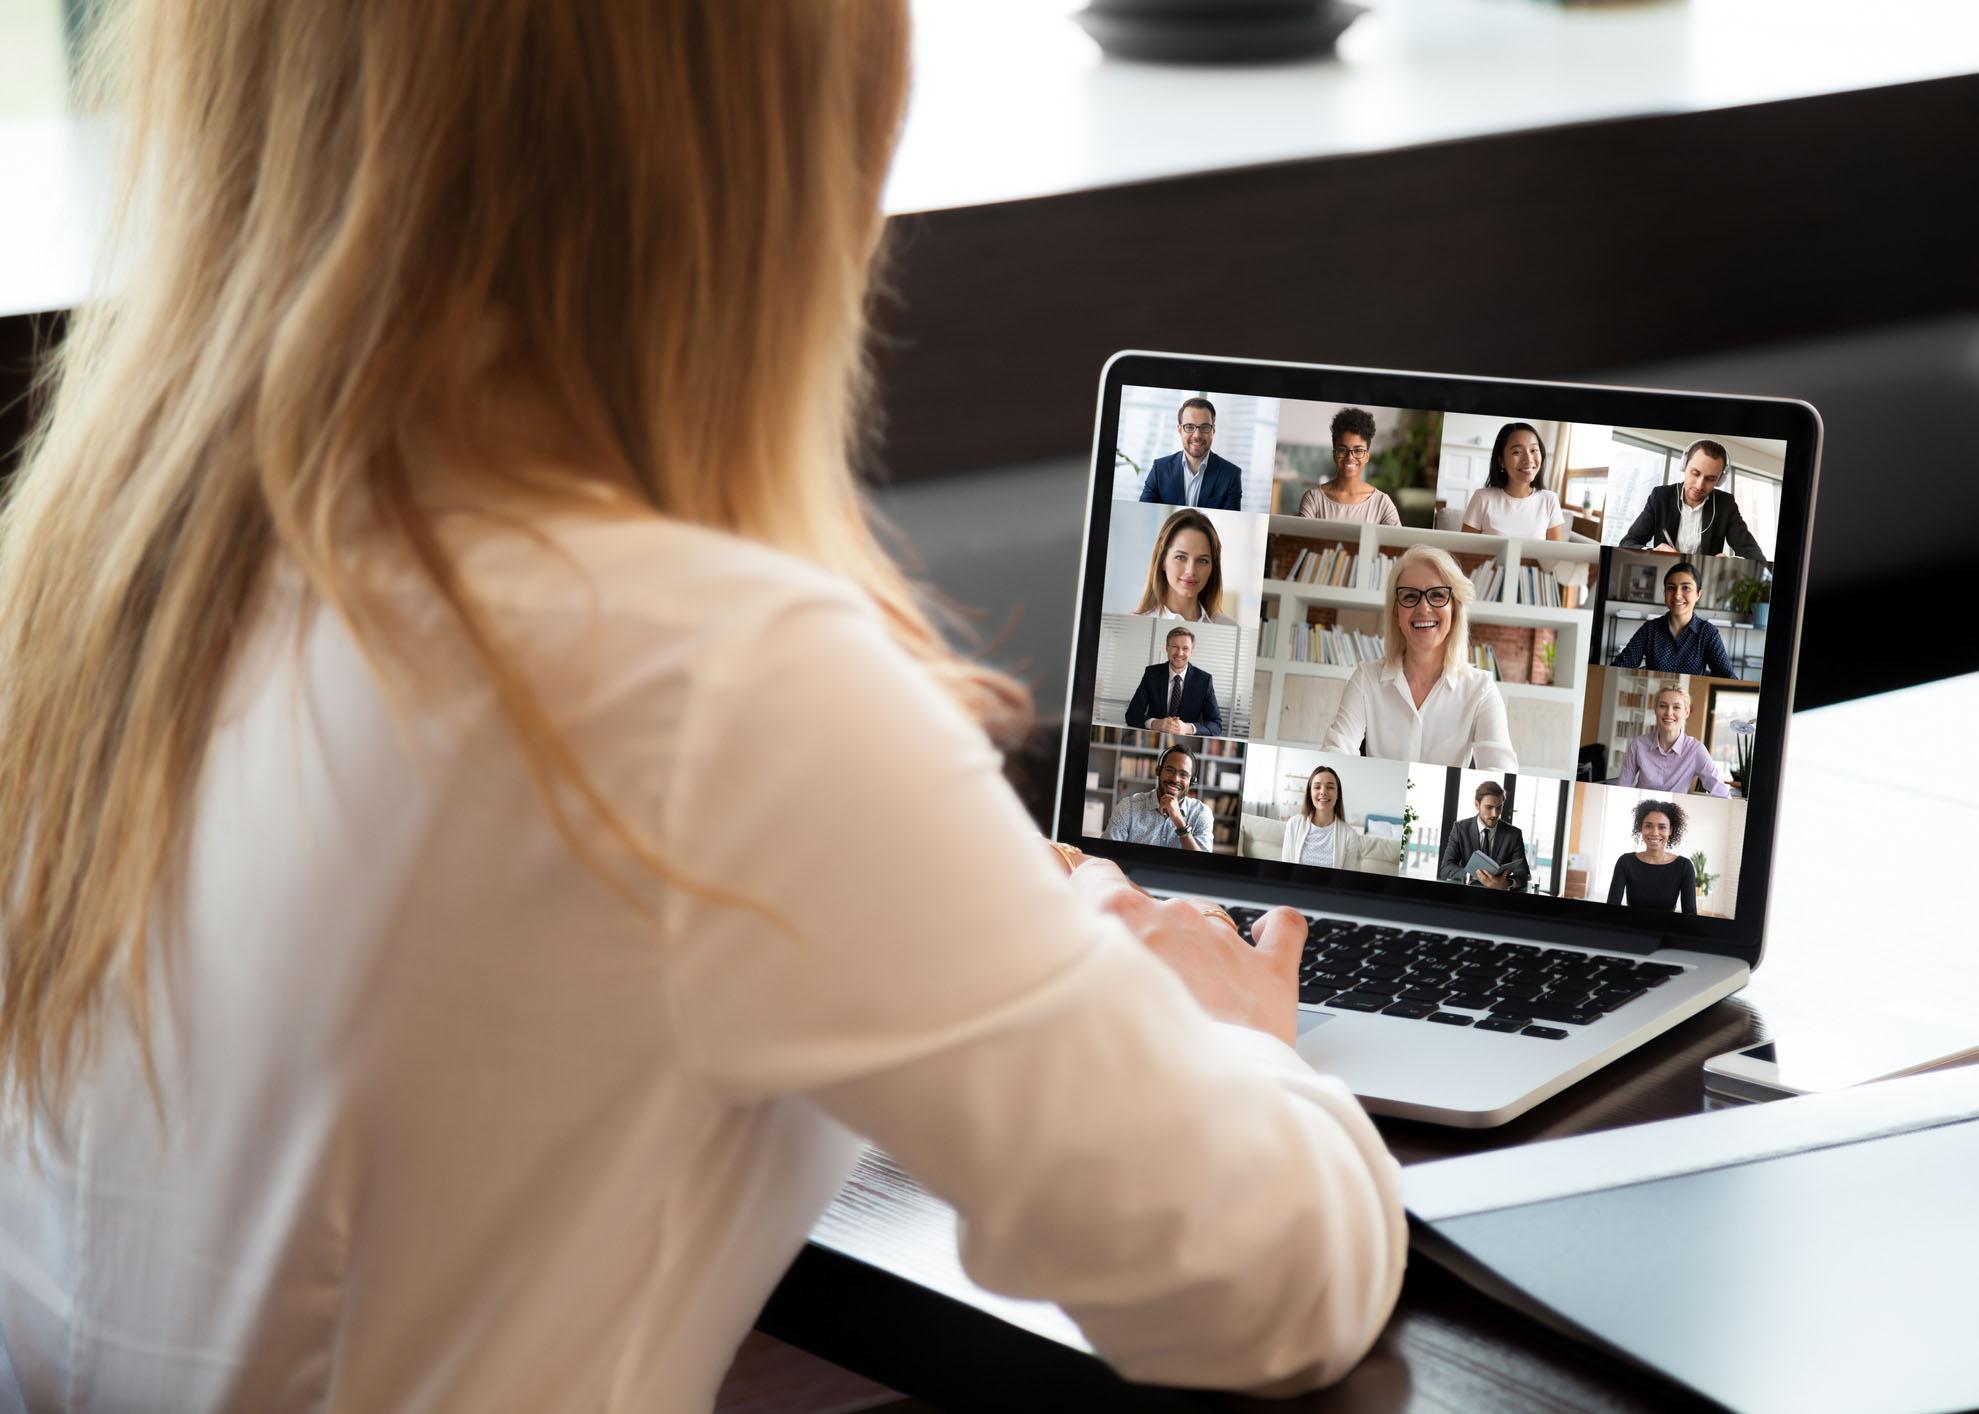 reunião de condomínio online